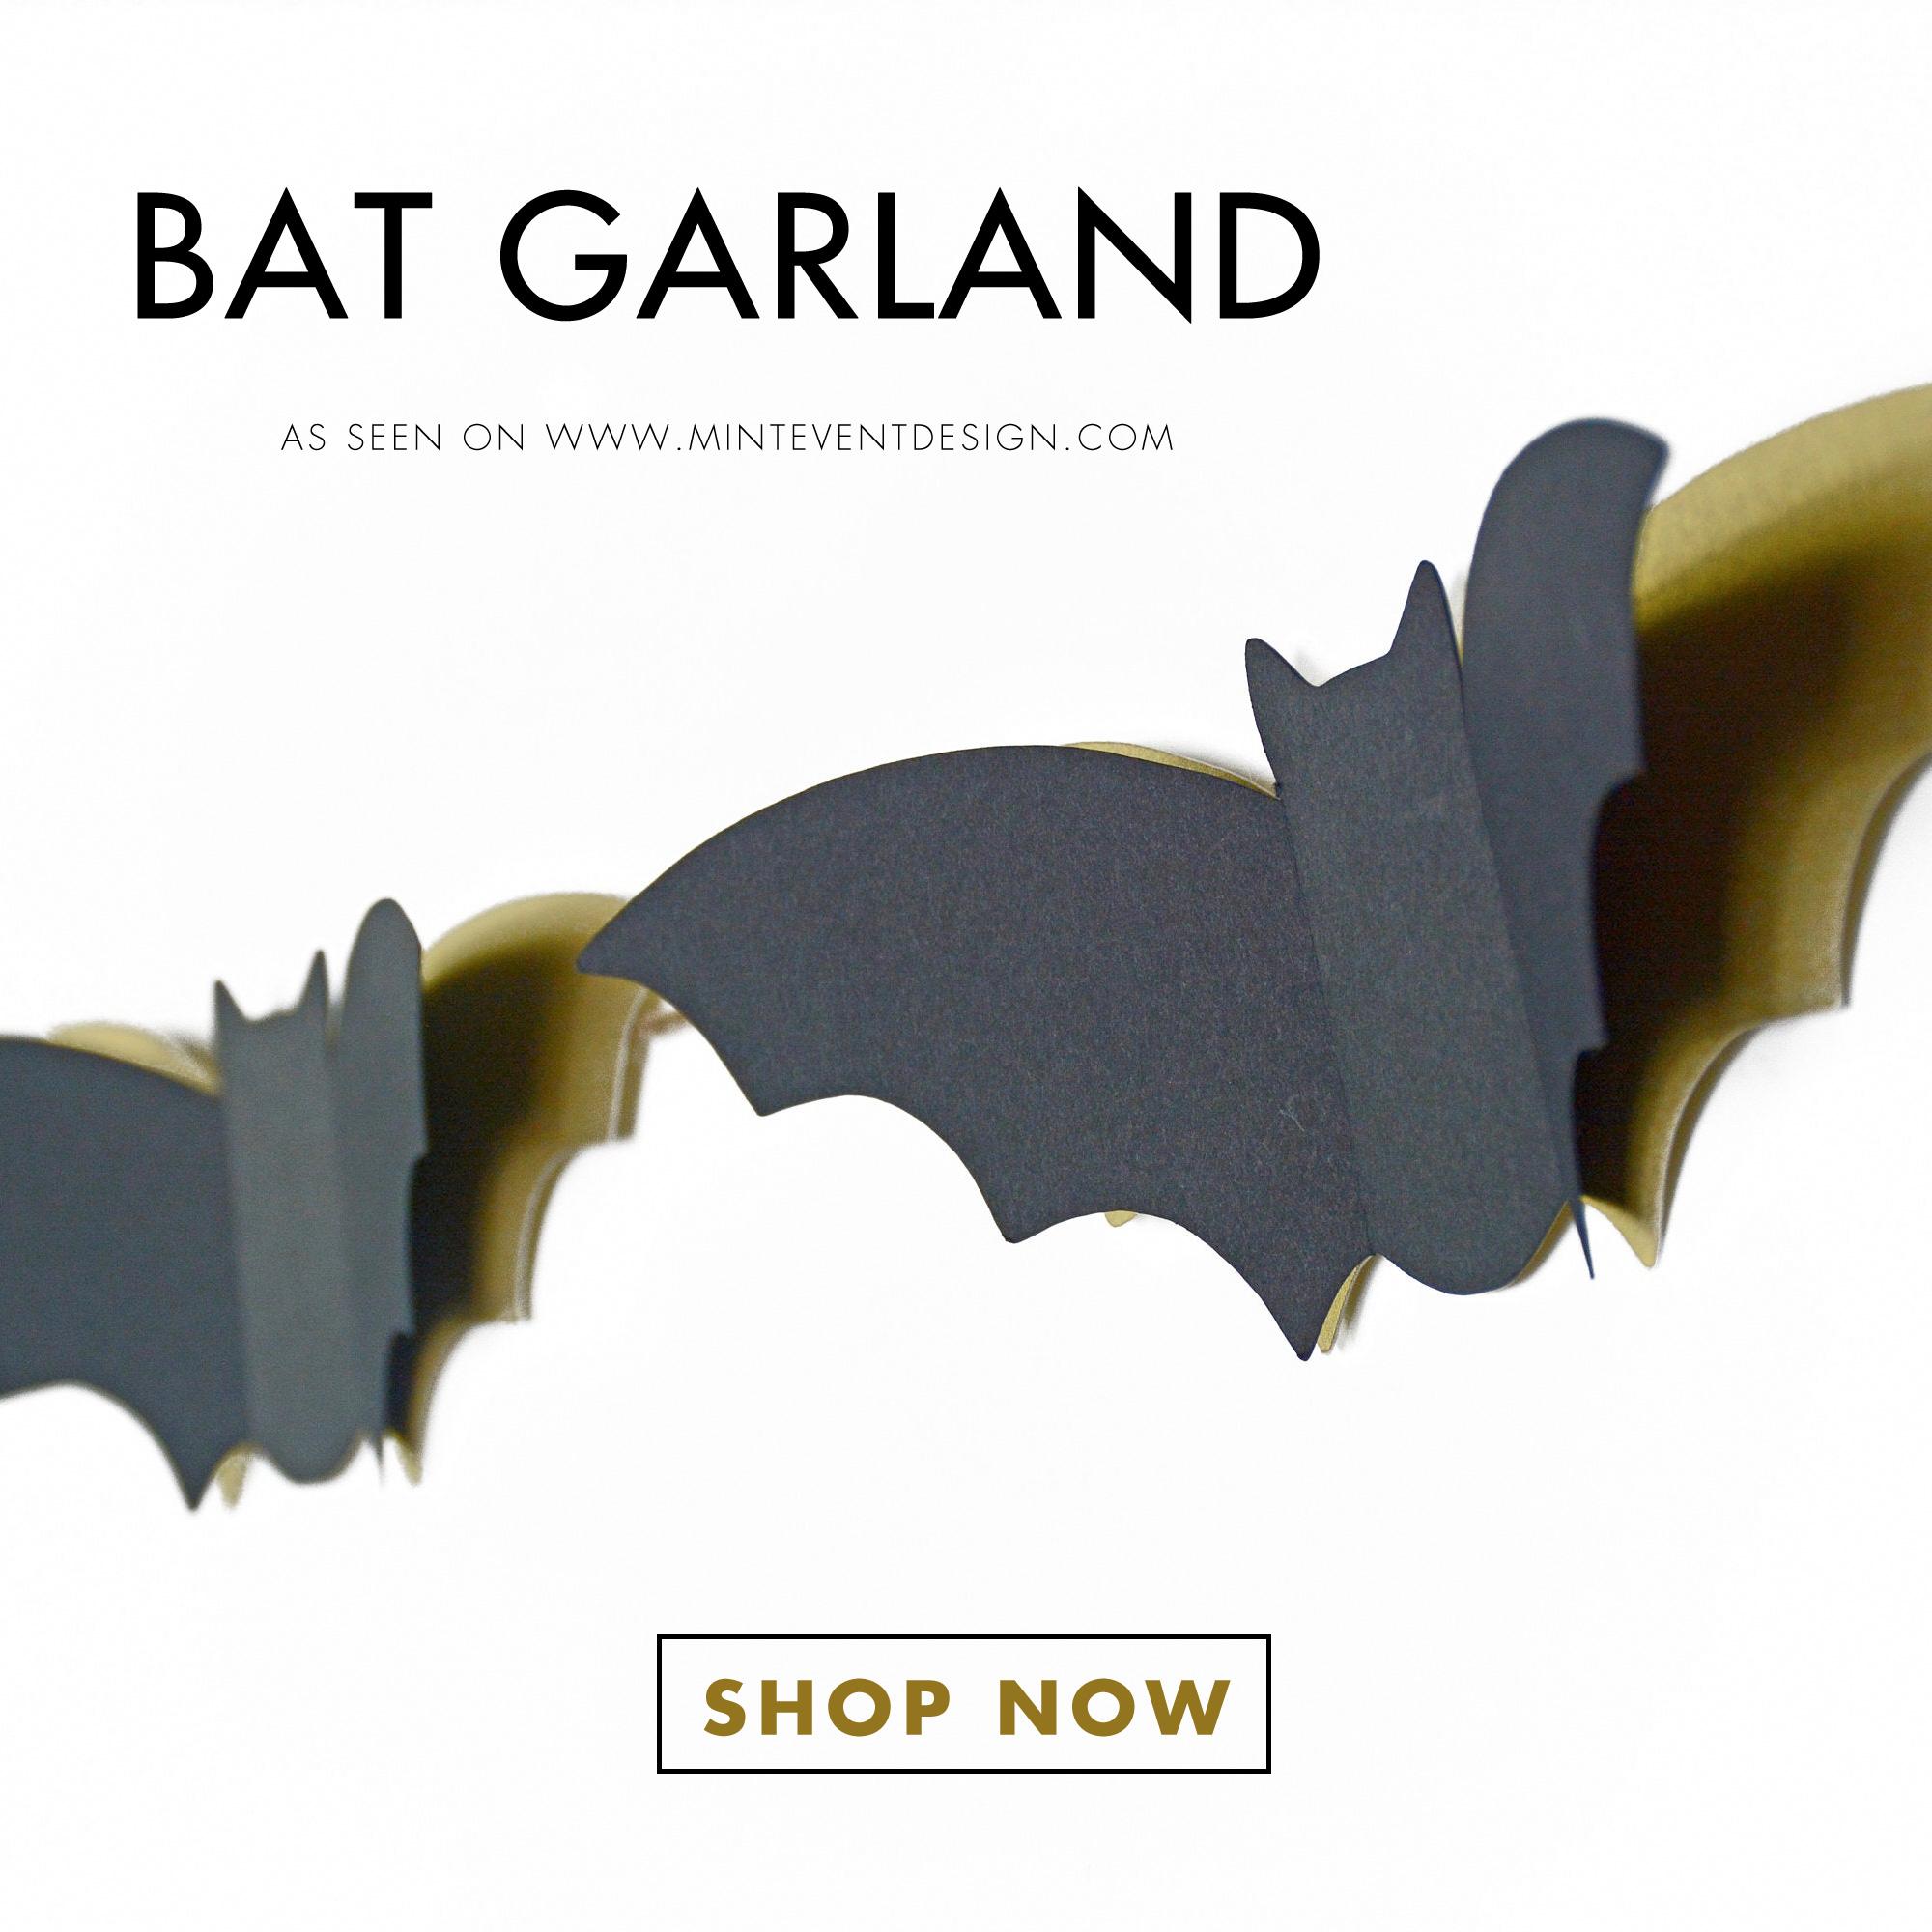 shop-bat-garland-mint-event-design.jpg